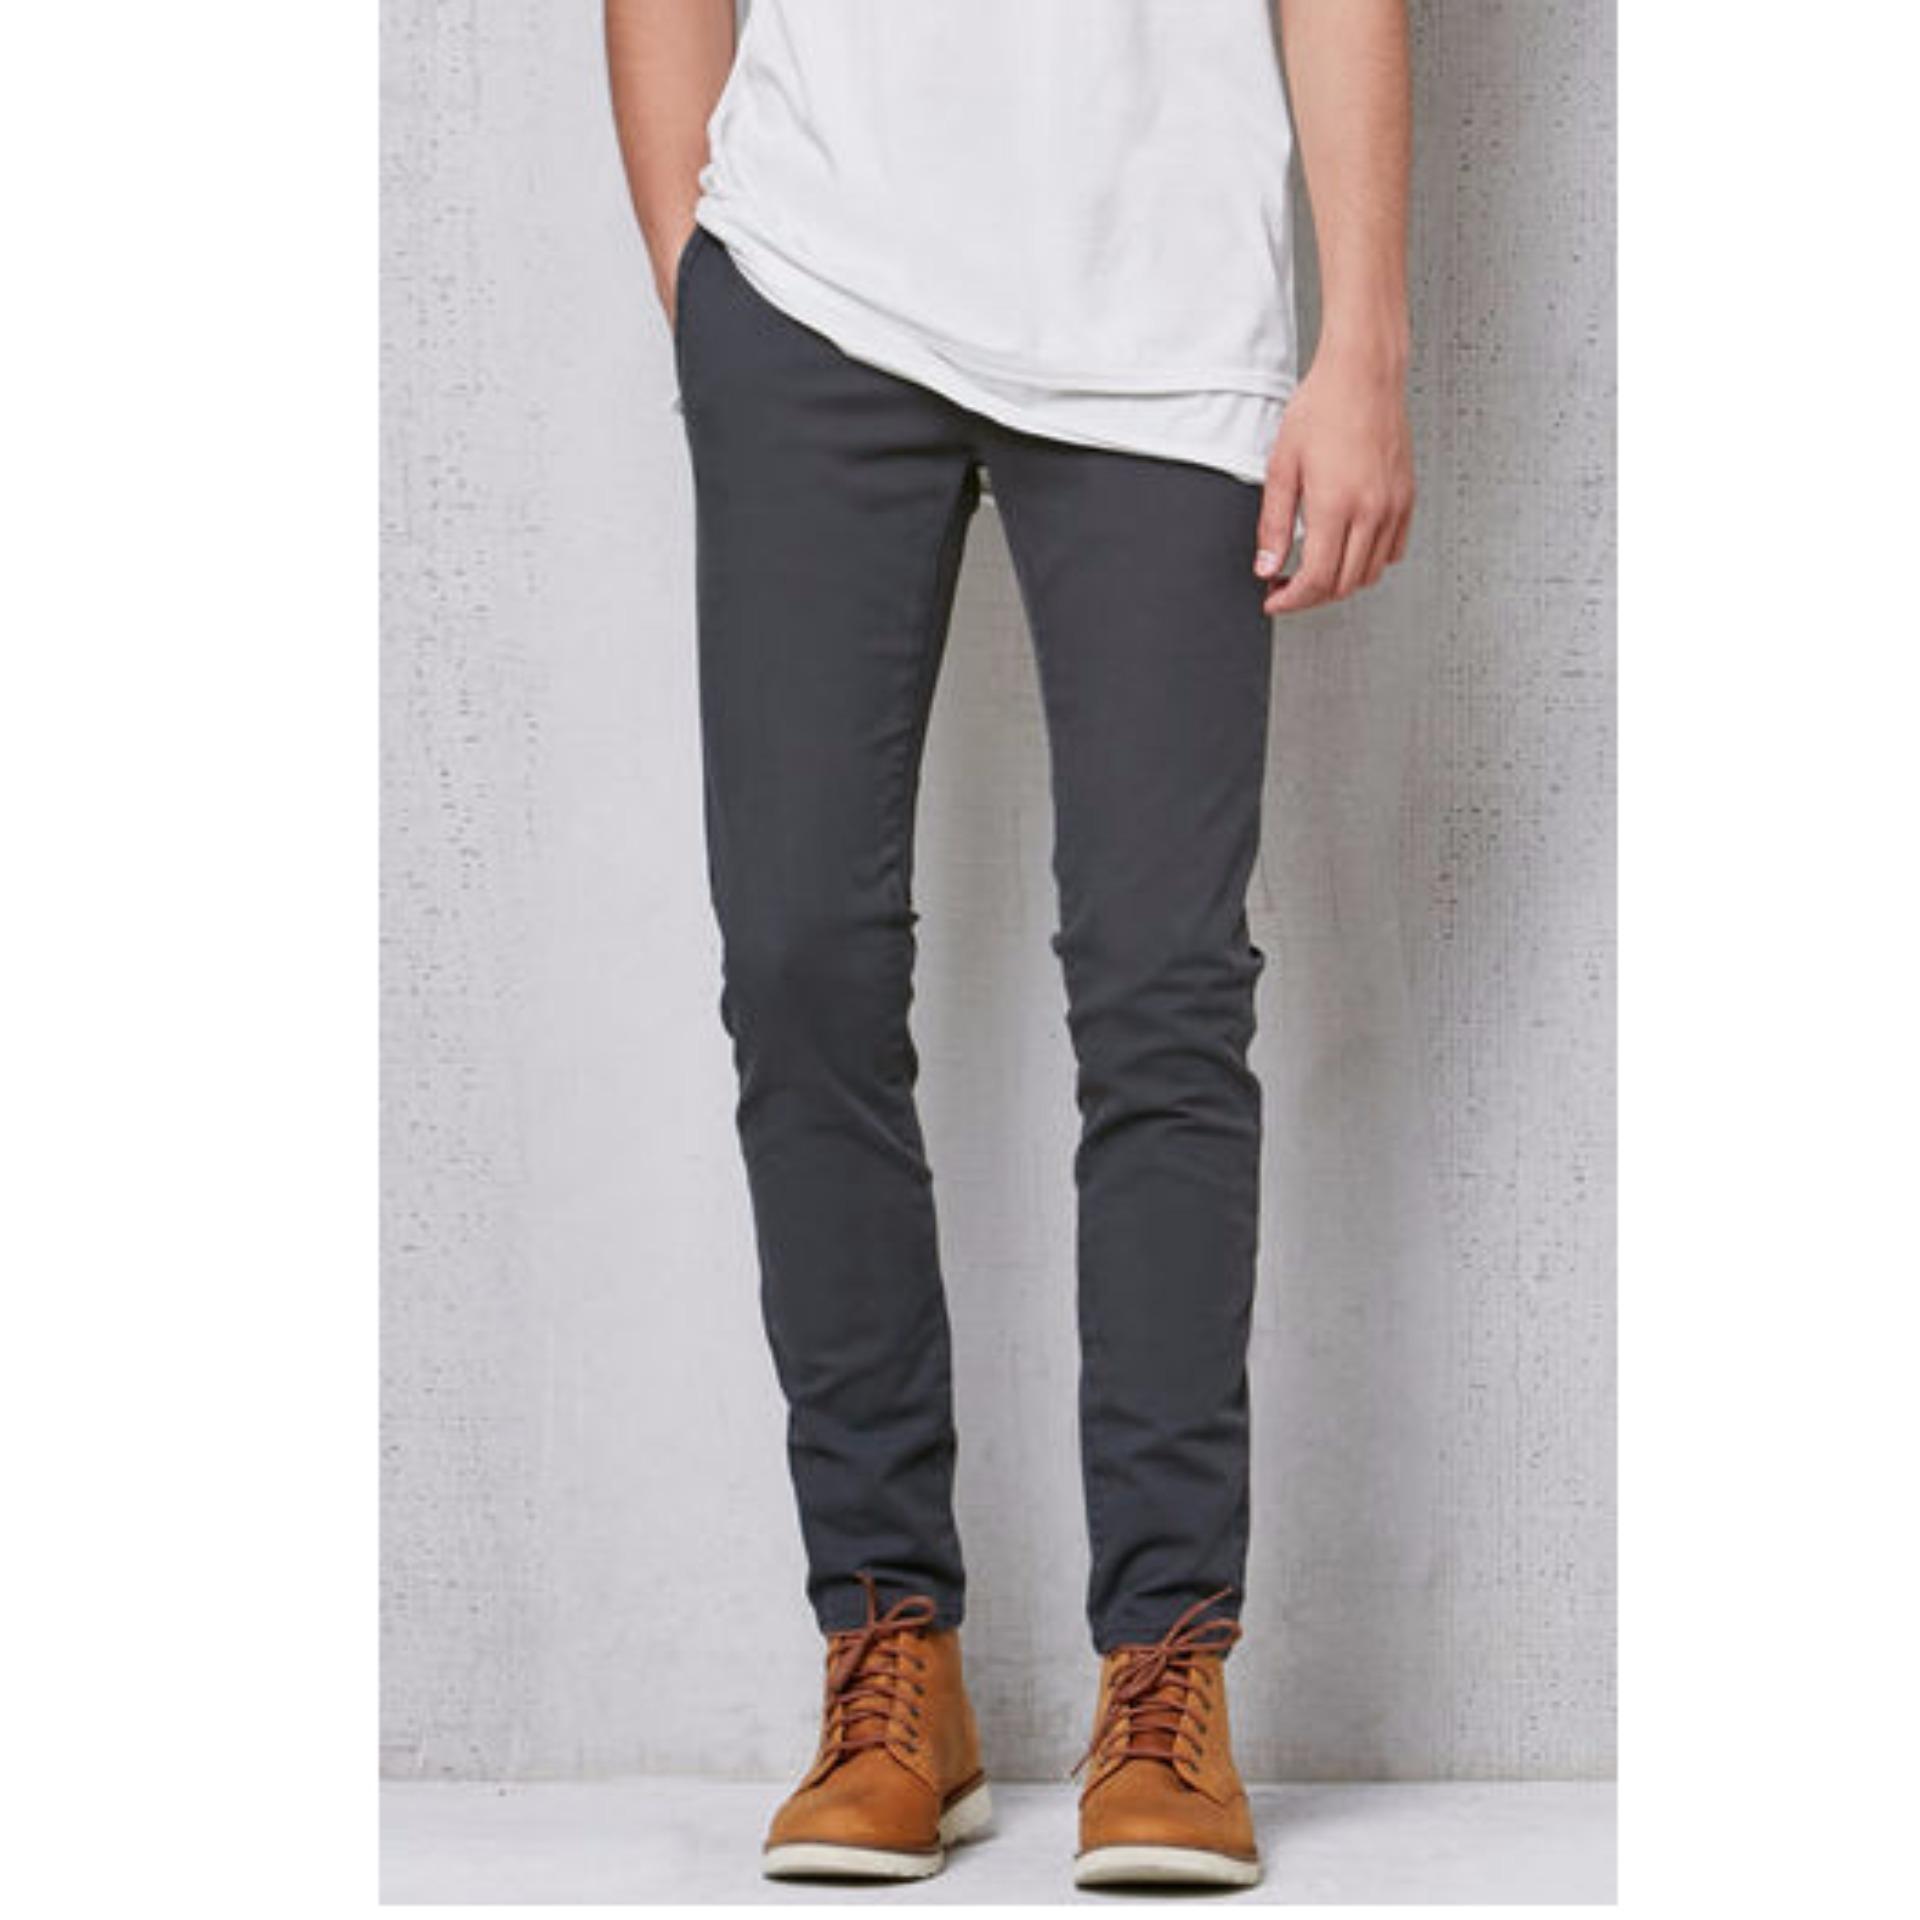 Harga Hemat Id Celana Chino Pants Premium Greey